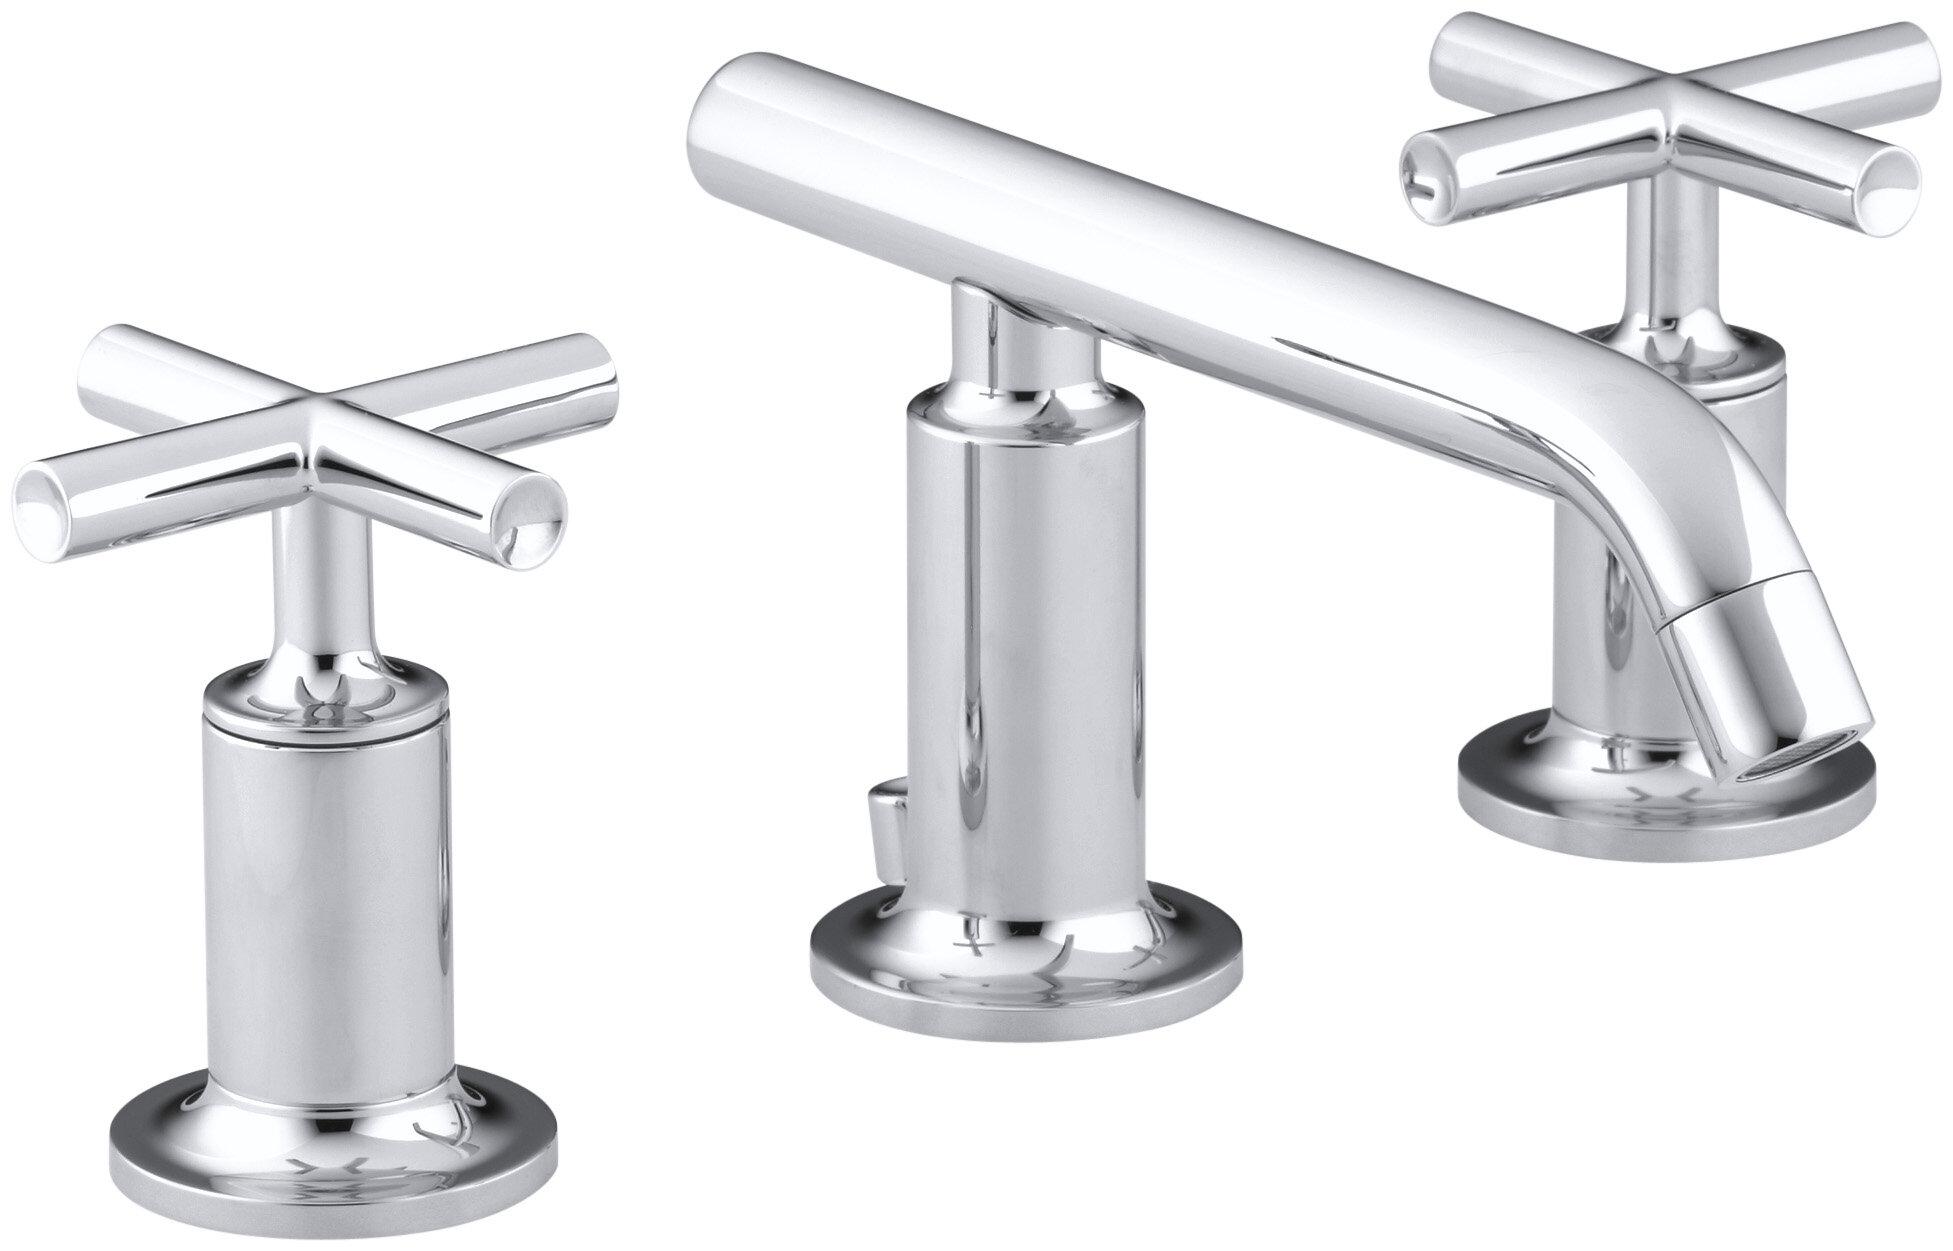 gooseneck with spout fluid bingley hardware signature faucet swivel hole front faucets black kitchen shop single lp